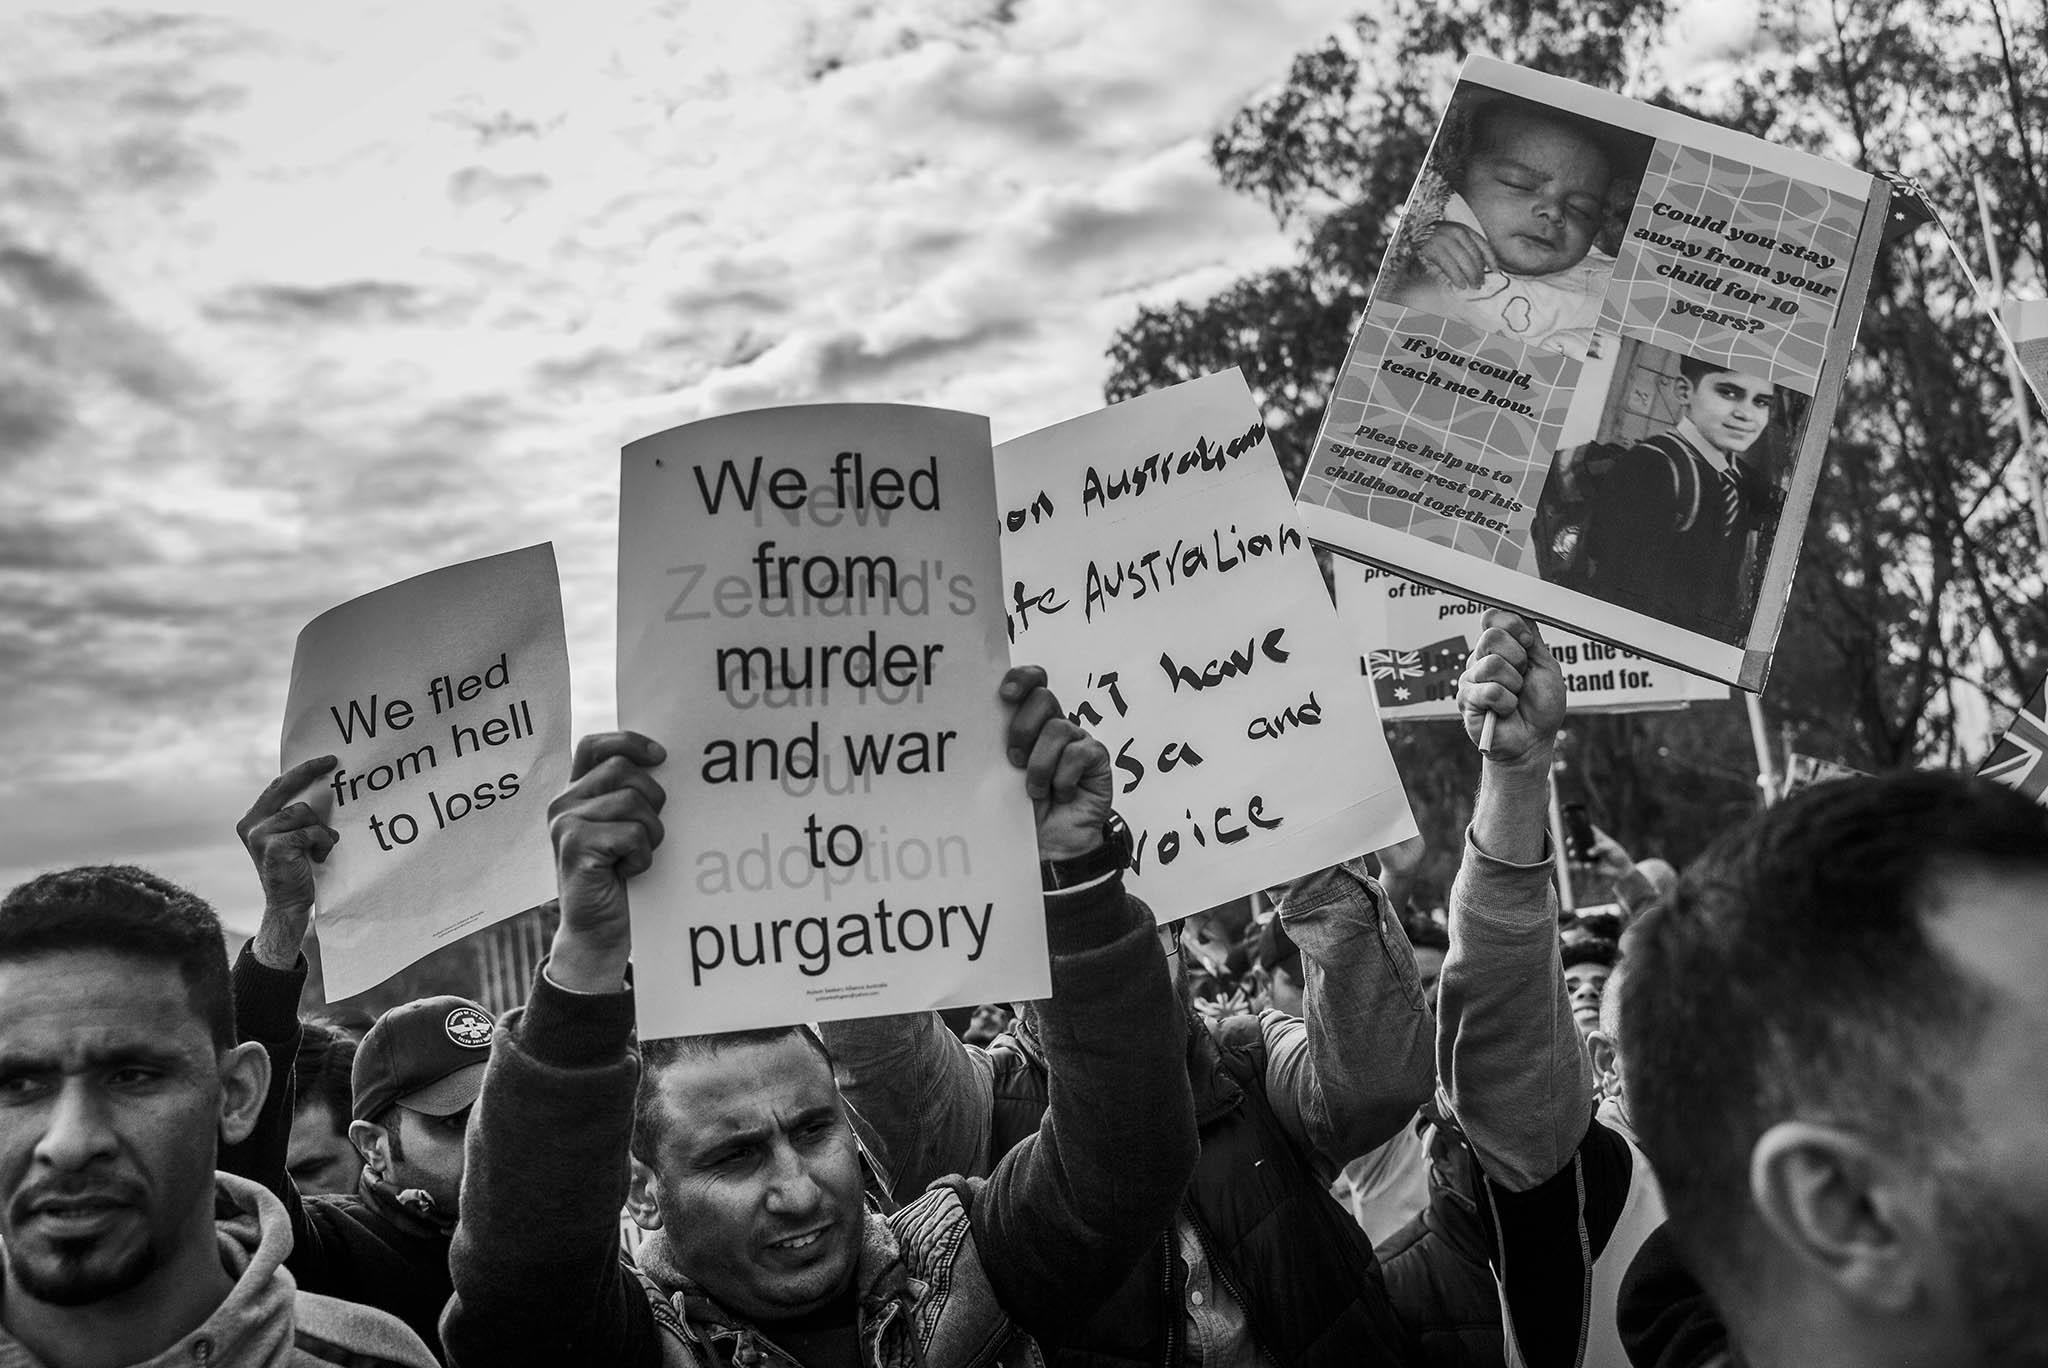 20190729_Refugee_Protest_0331.jpg